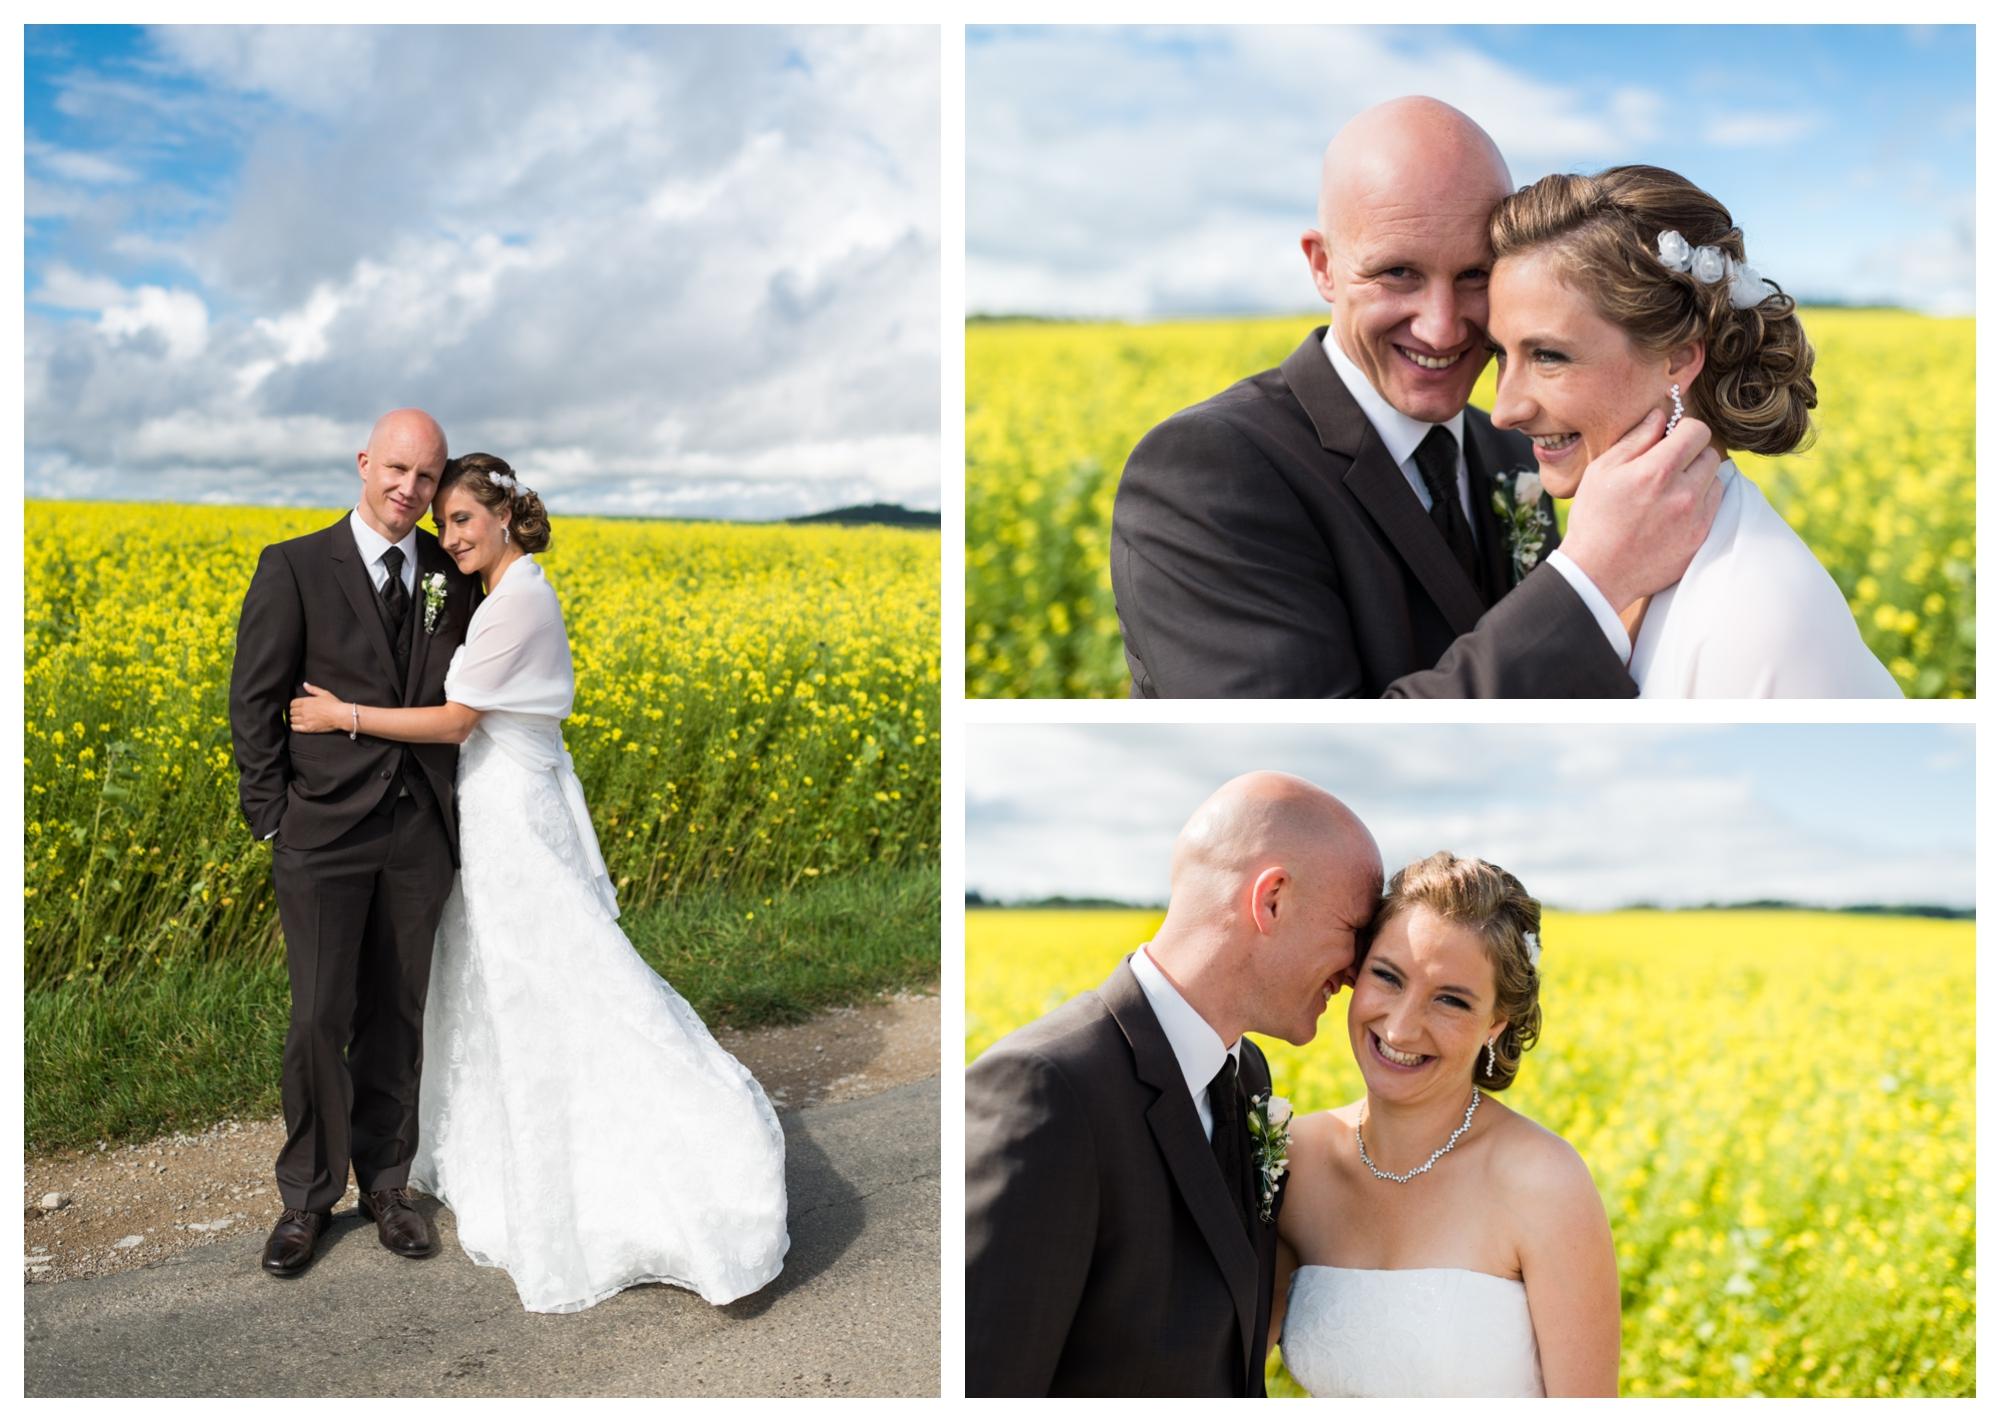 Fotograf Konstanz - Als Hochzeitsfotograf in Bad Dürrheim unterwegs  - 27 -